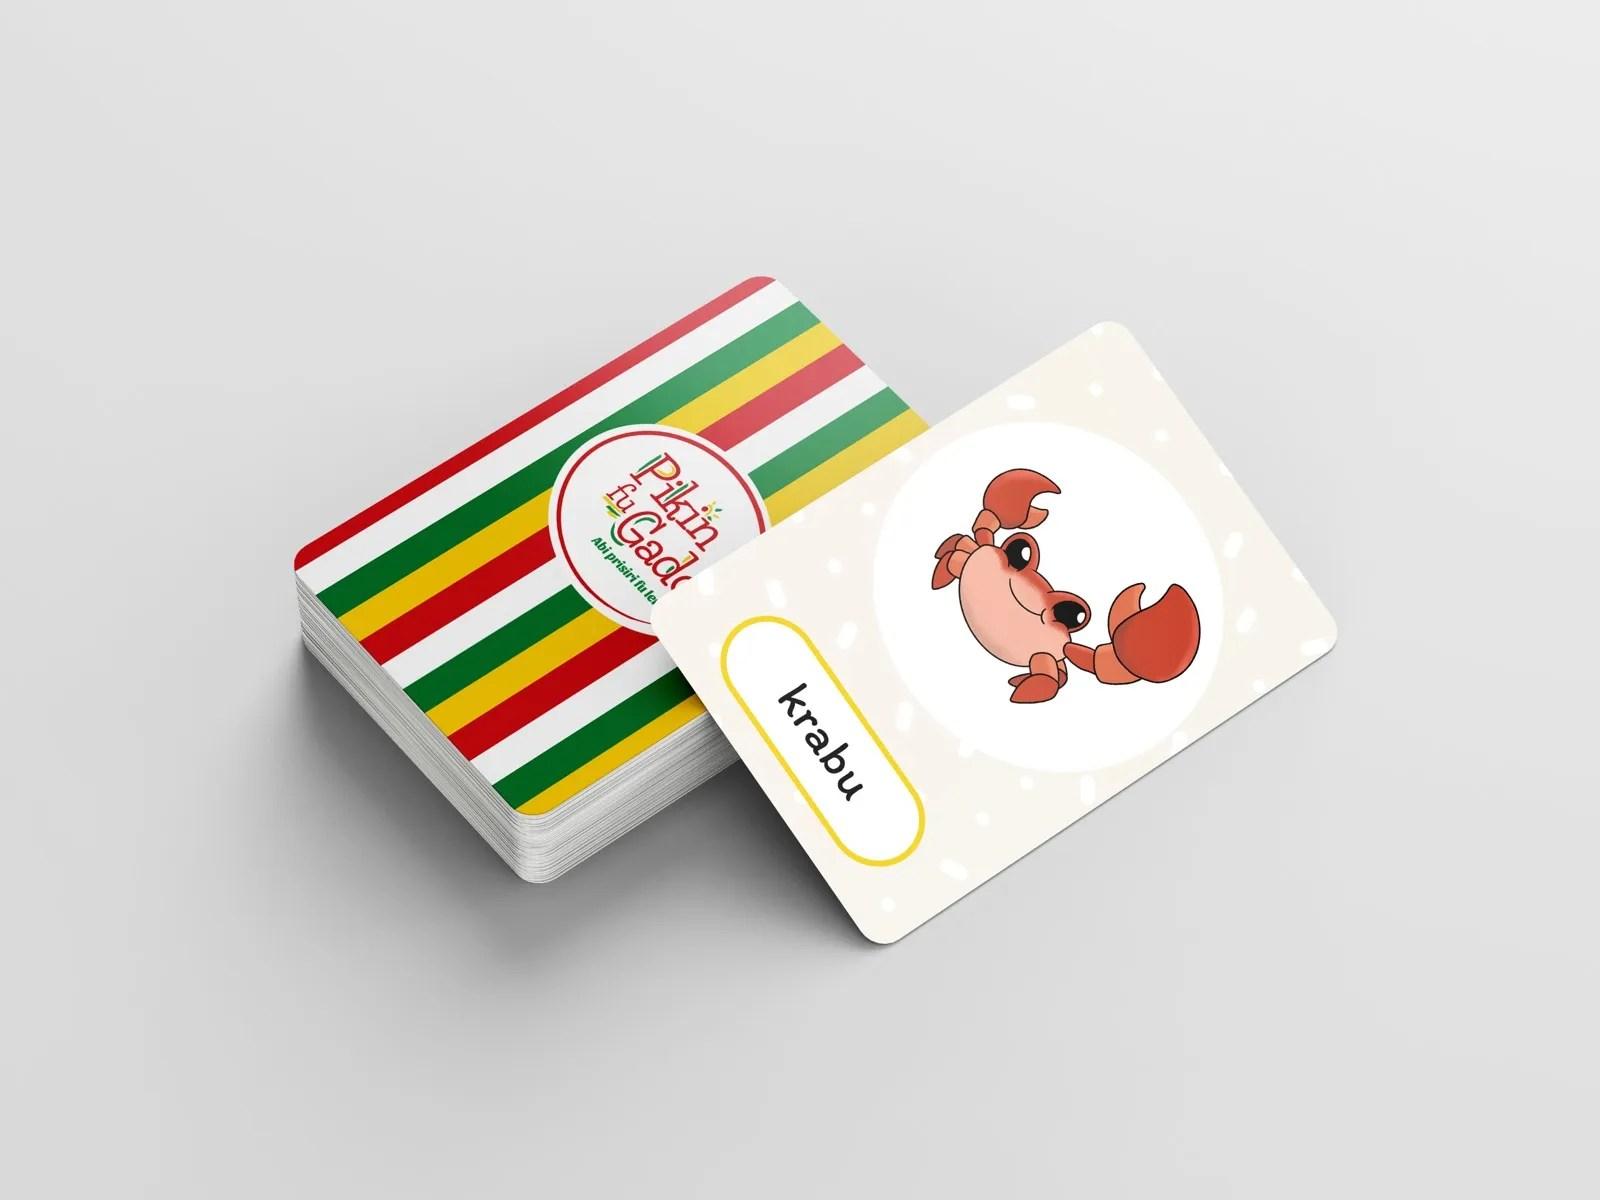 Pak speelkaarten met de afbeelding van een krab